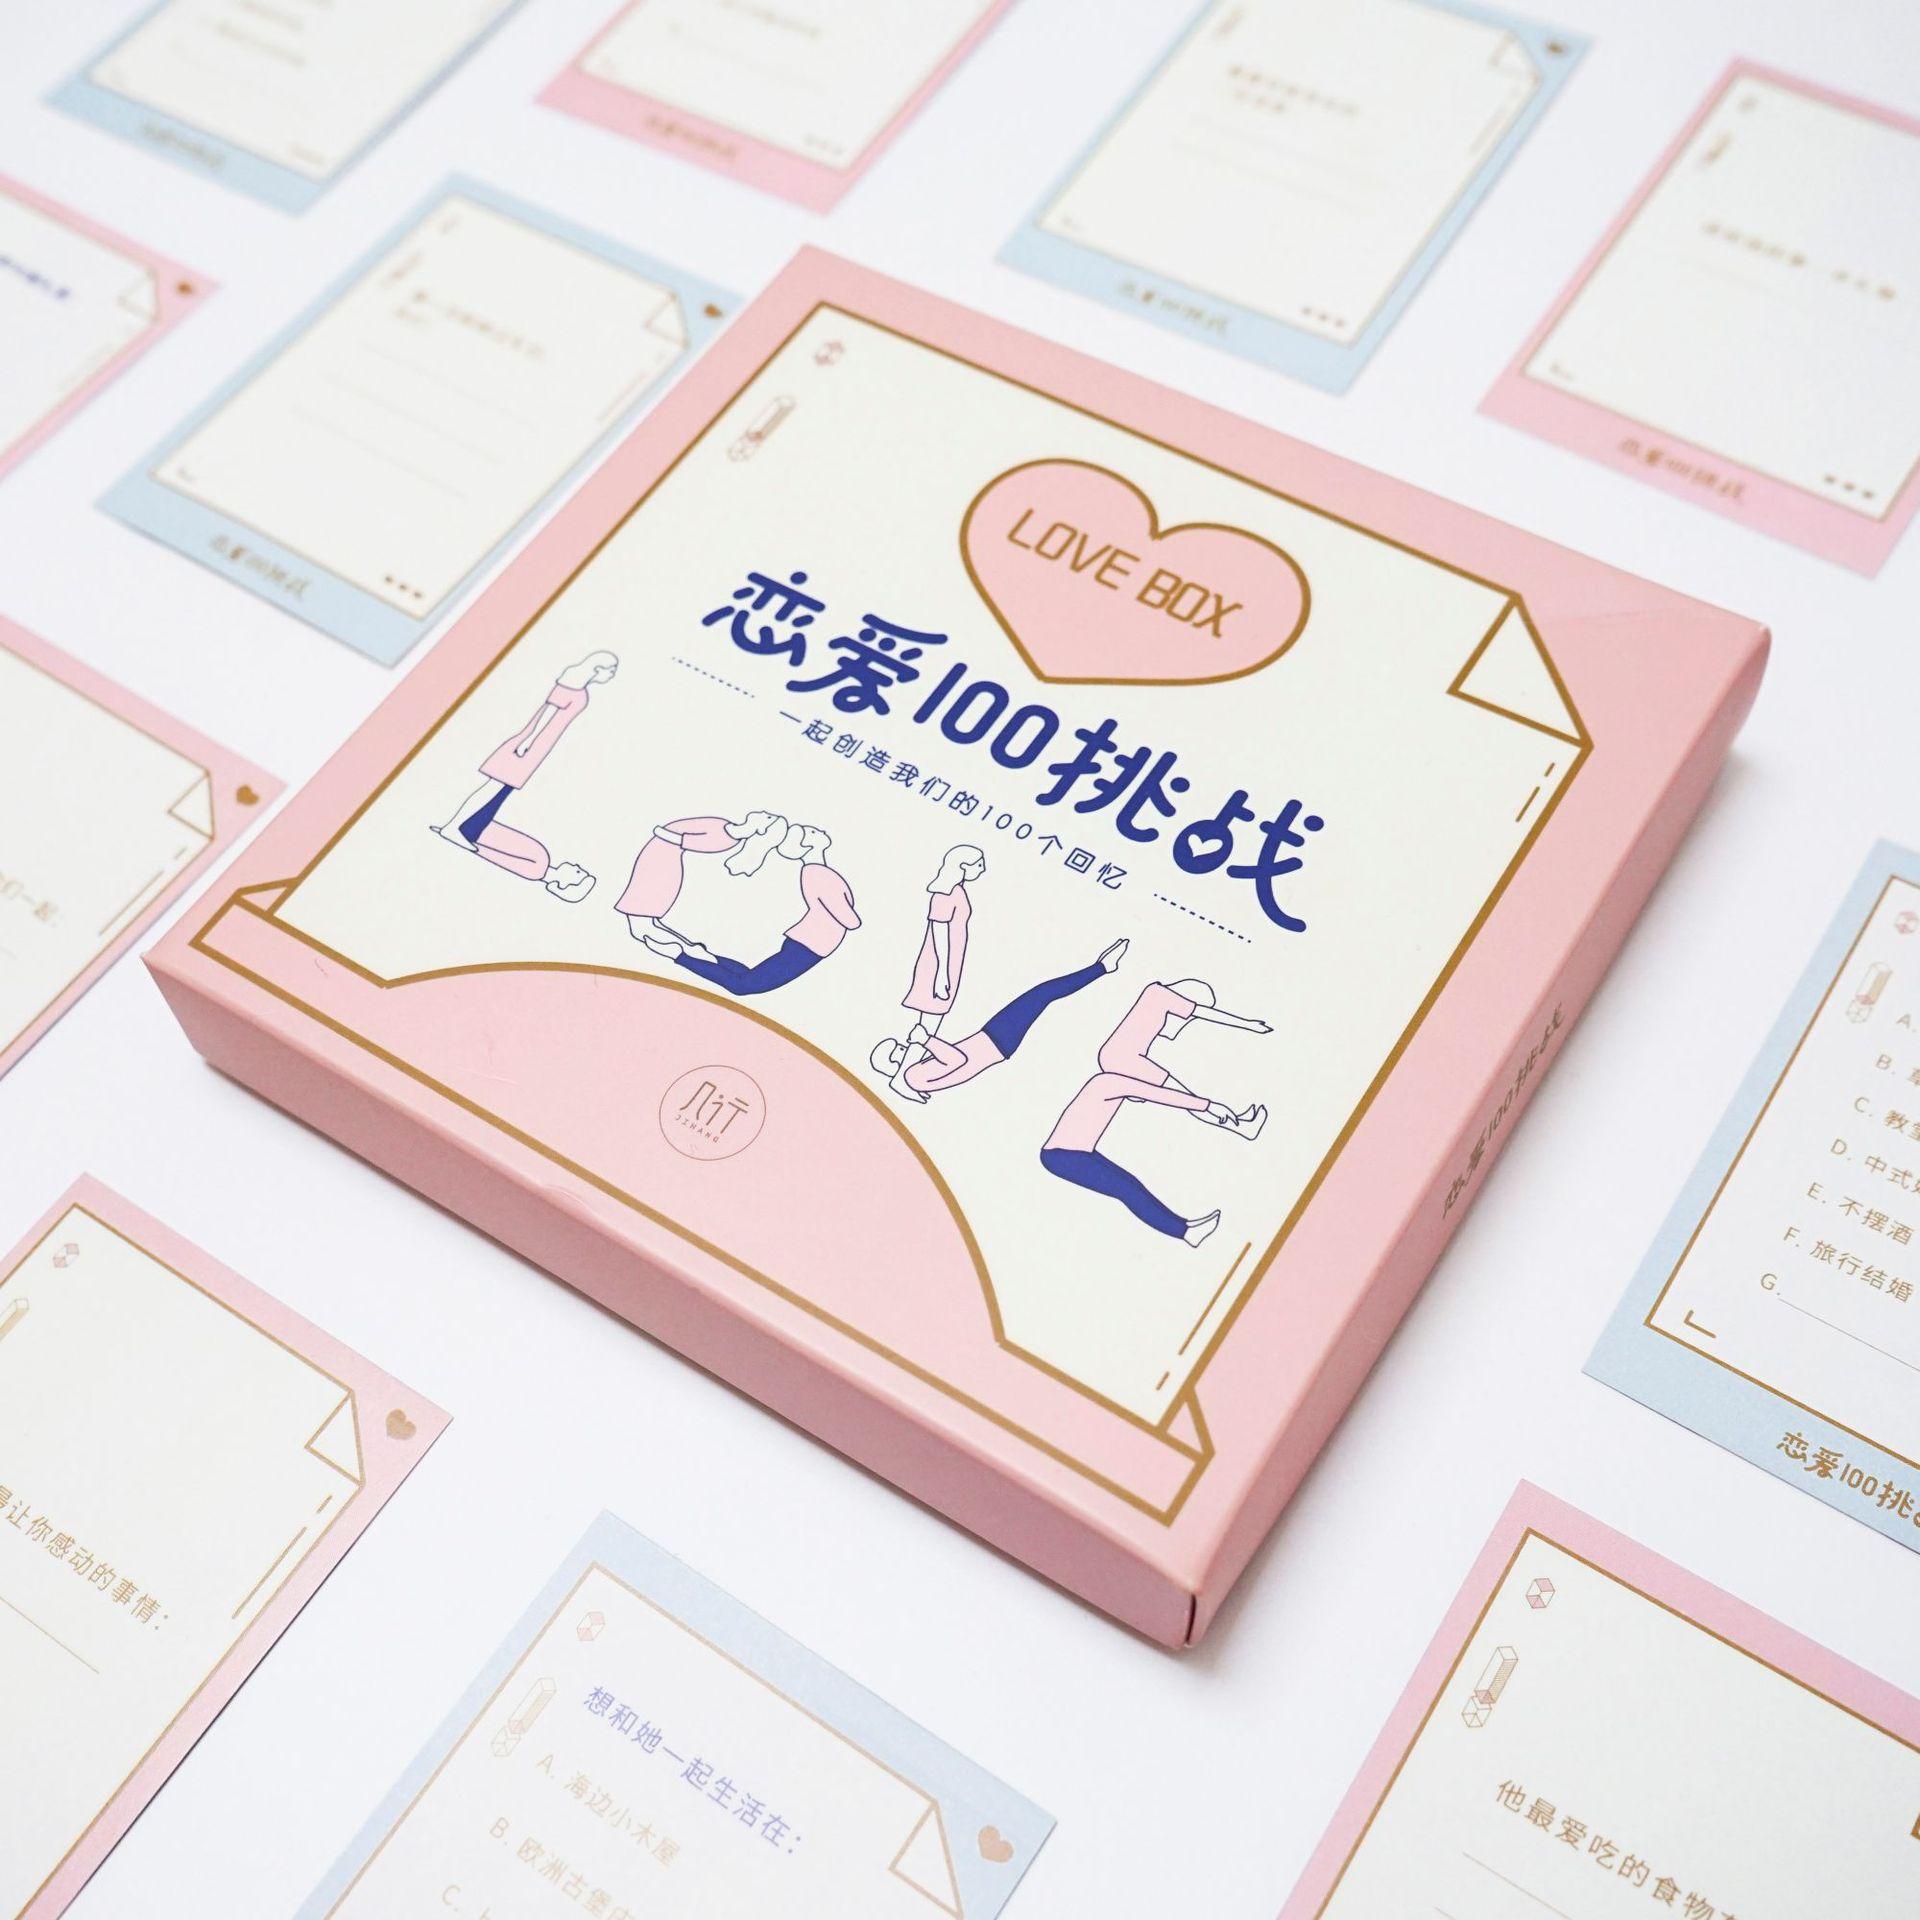 恋爱100挑战情侣游戏礼物一百件小事打卡一对纪念必做男友小玩意